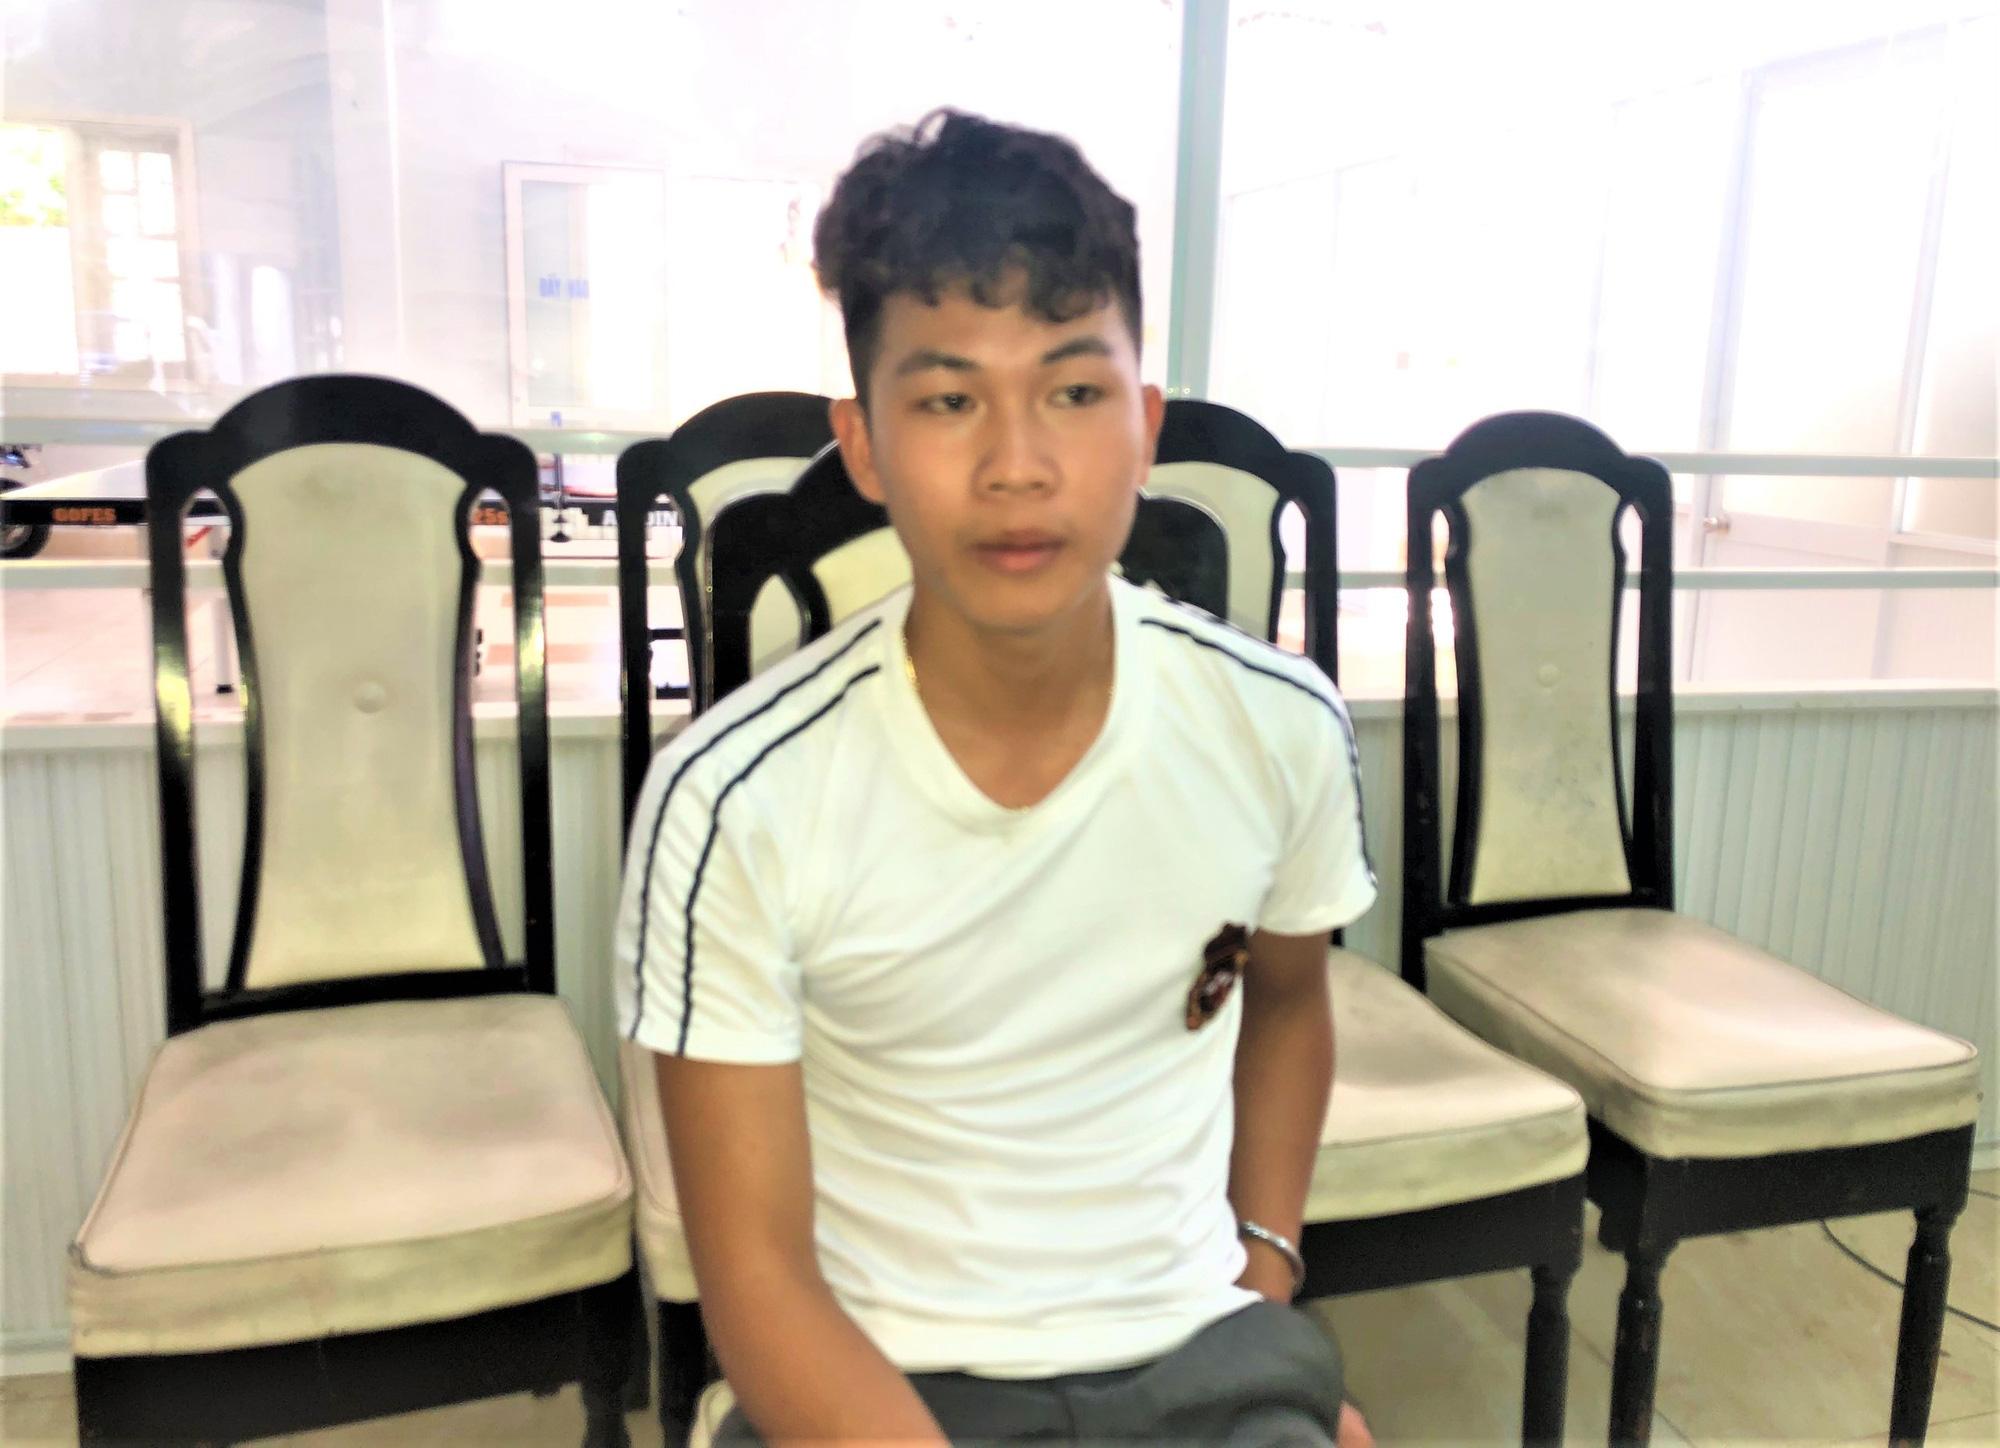 Lời khai của gã thanh niên chuyên lừa đảo, tống tình các cô gái bằng clip nóng: Thêm nhiều thiếu nữ là nạn nhân - Ảnh 1.